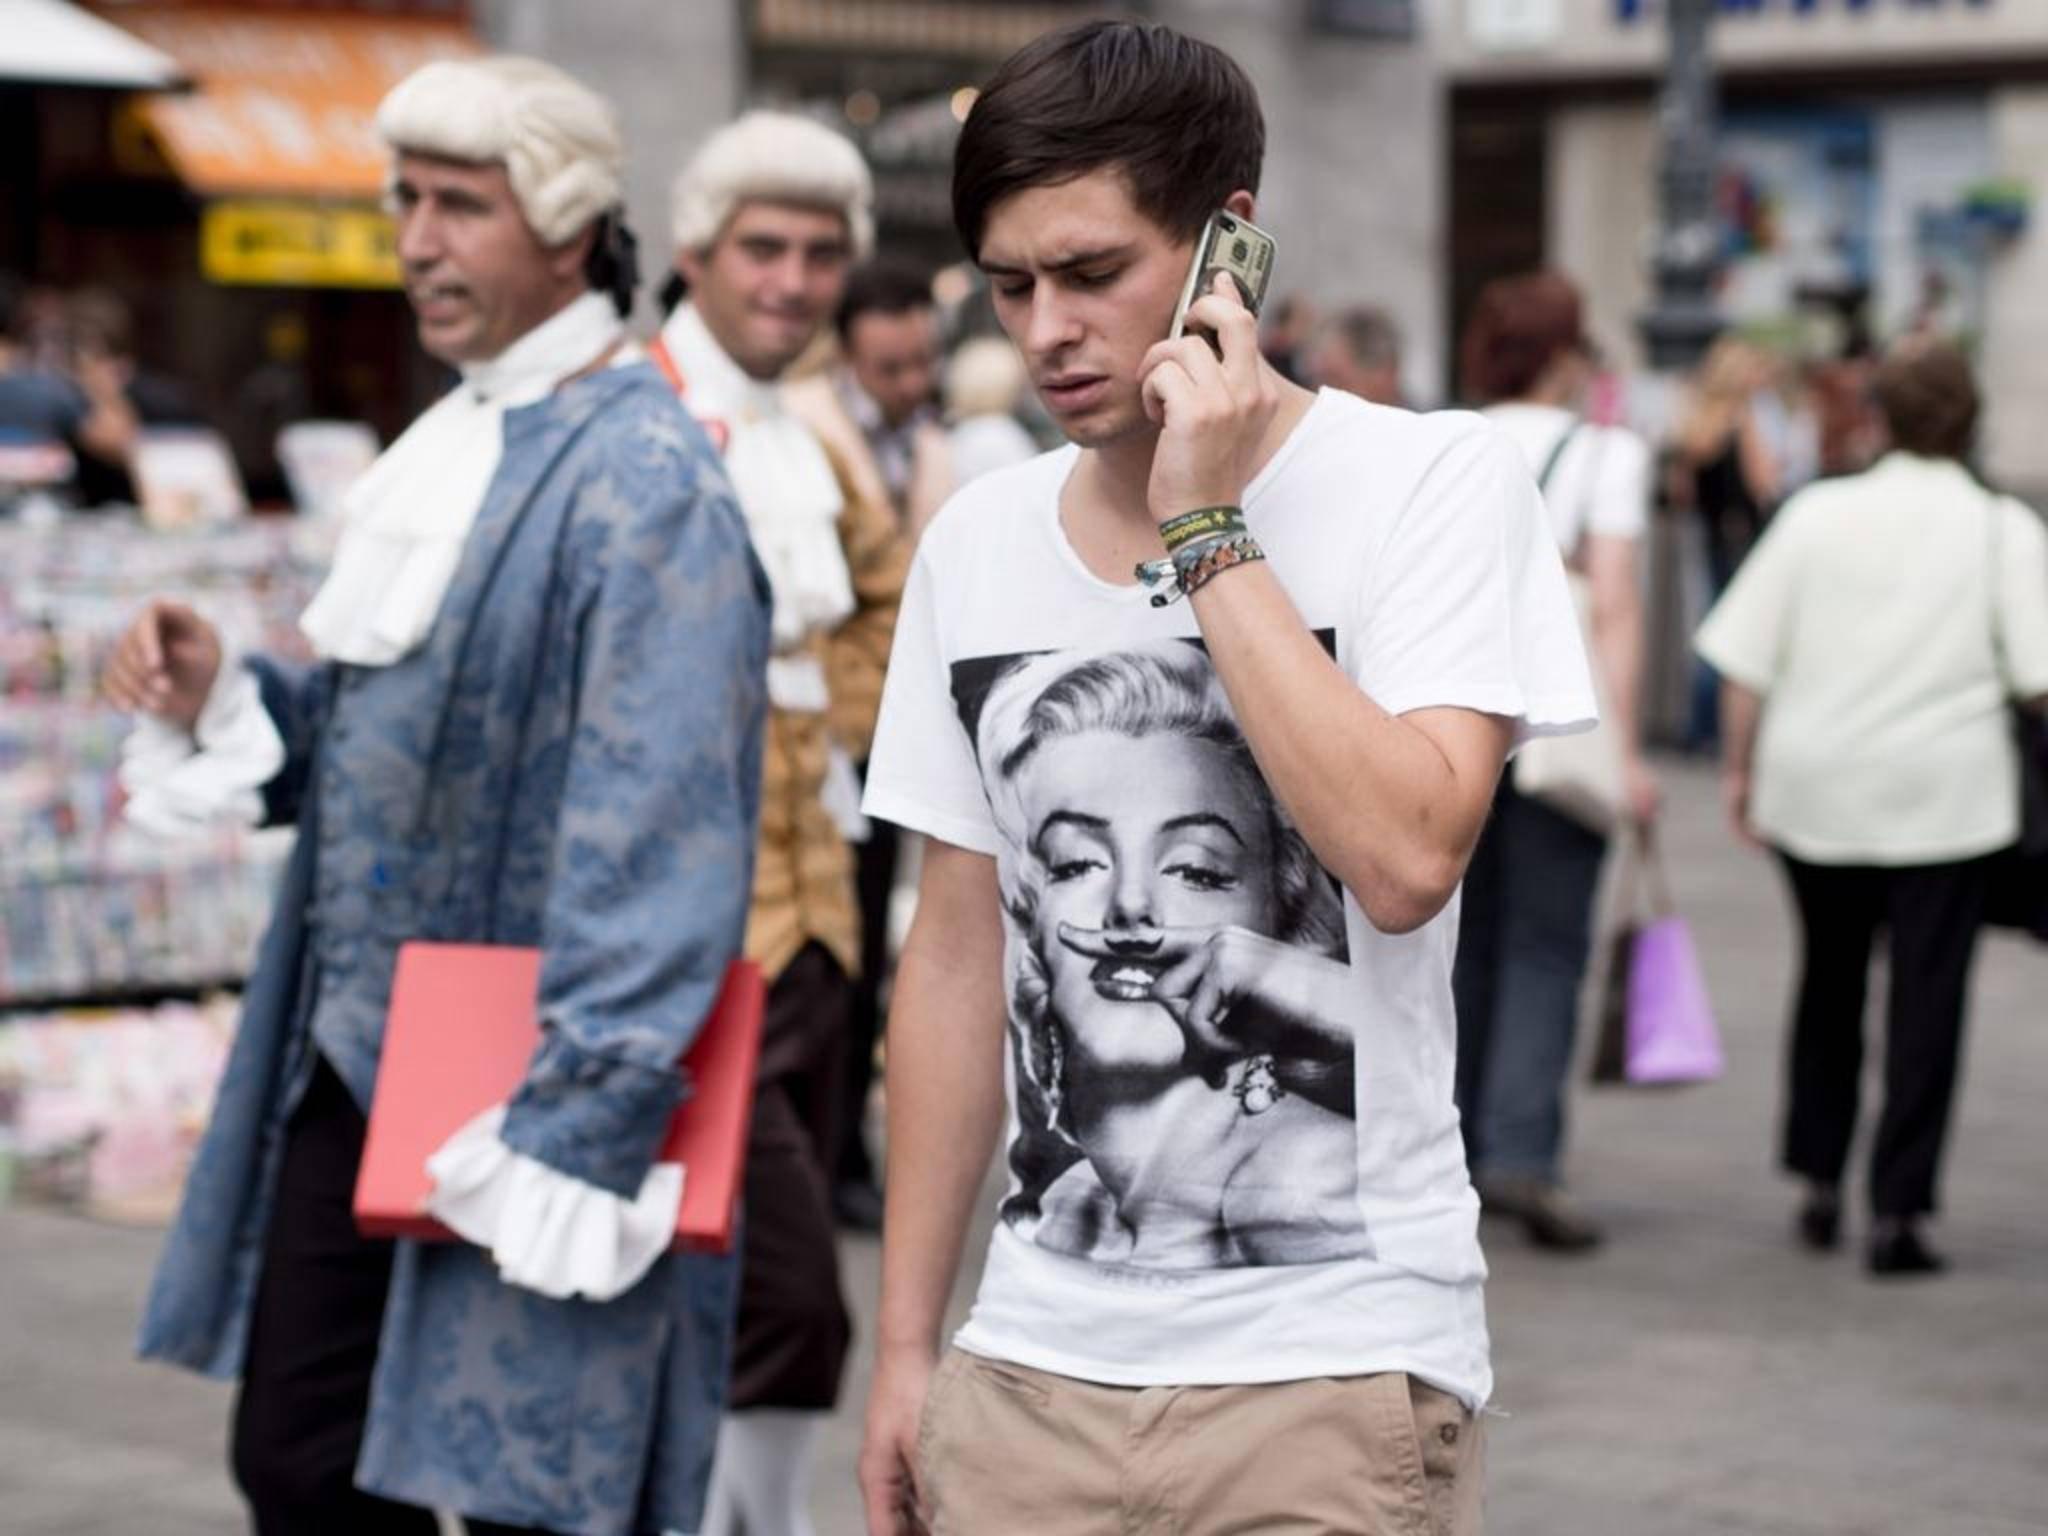 Nicht nur chatten, sondern auch telefonieren: Kurzzeitig war das mit WhatsApp möglich.